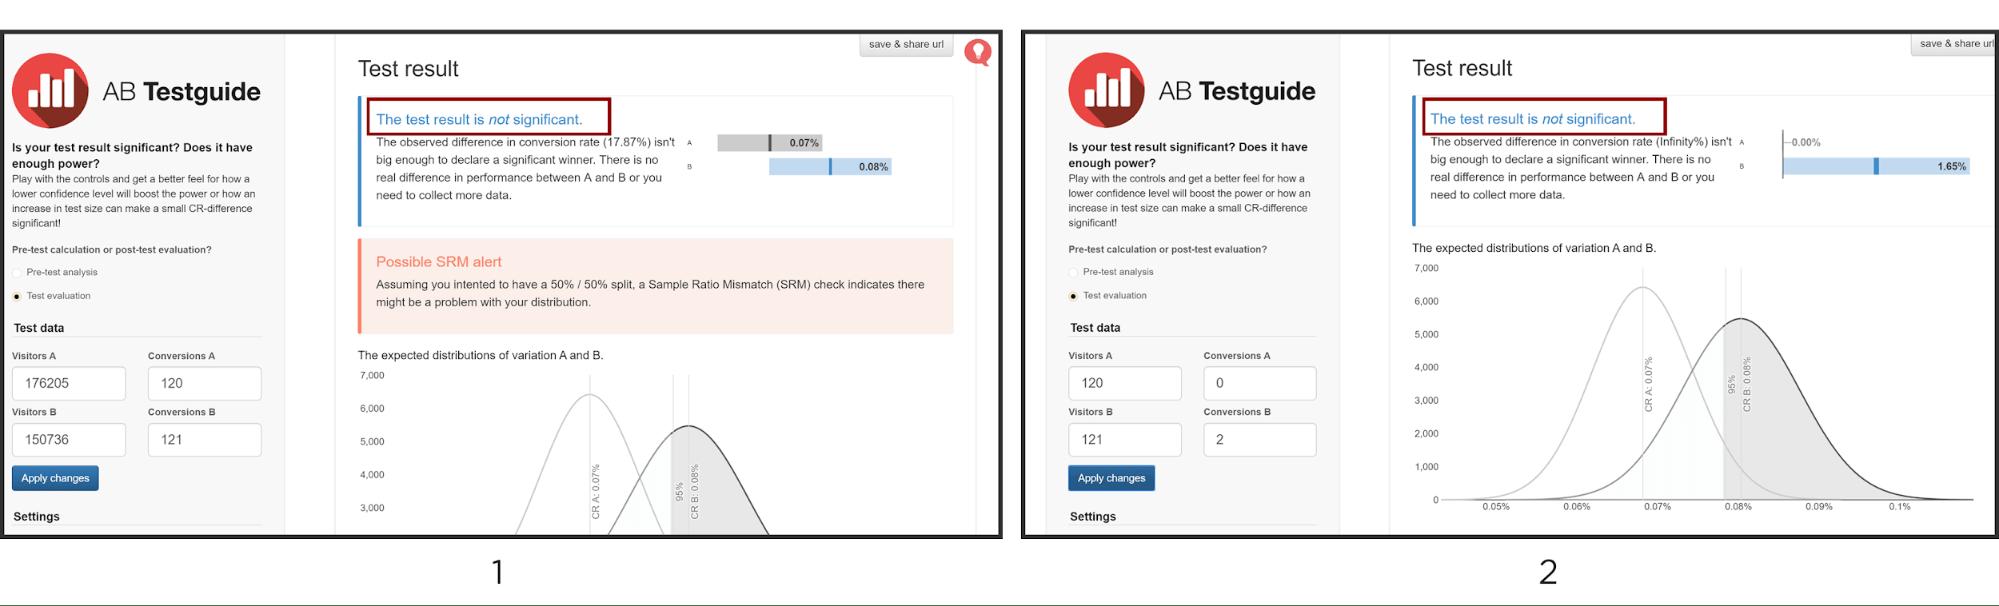 Сплит-тестирование в myTarget: гайд по новому инструменту